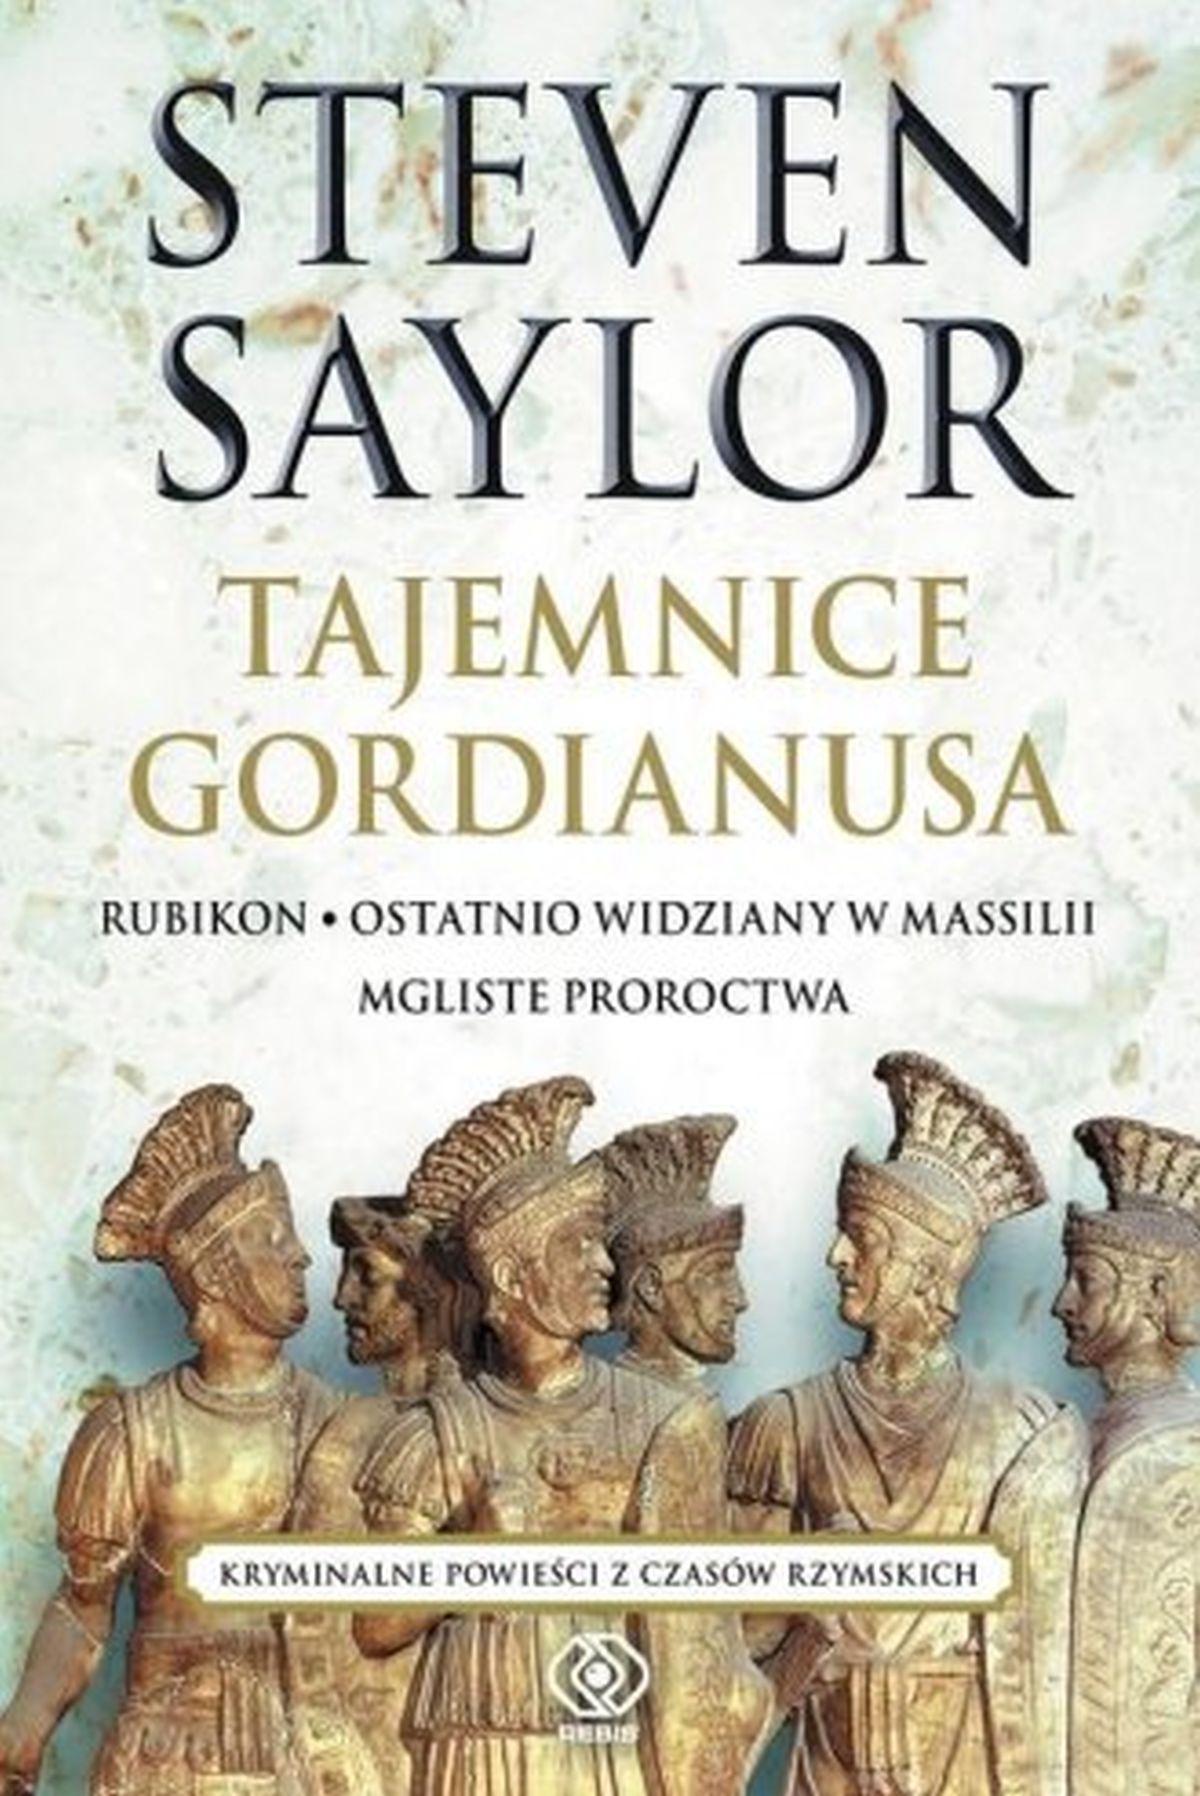 Tajemnice Gordianusa. Rubikon. Ostatnio widziany w Massilii. Mgliste proroctwa